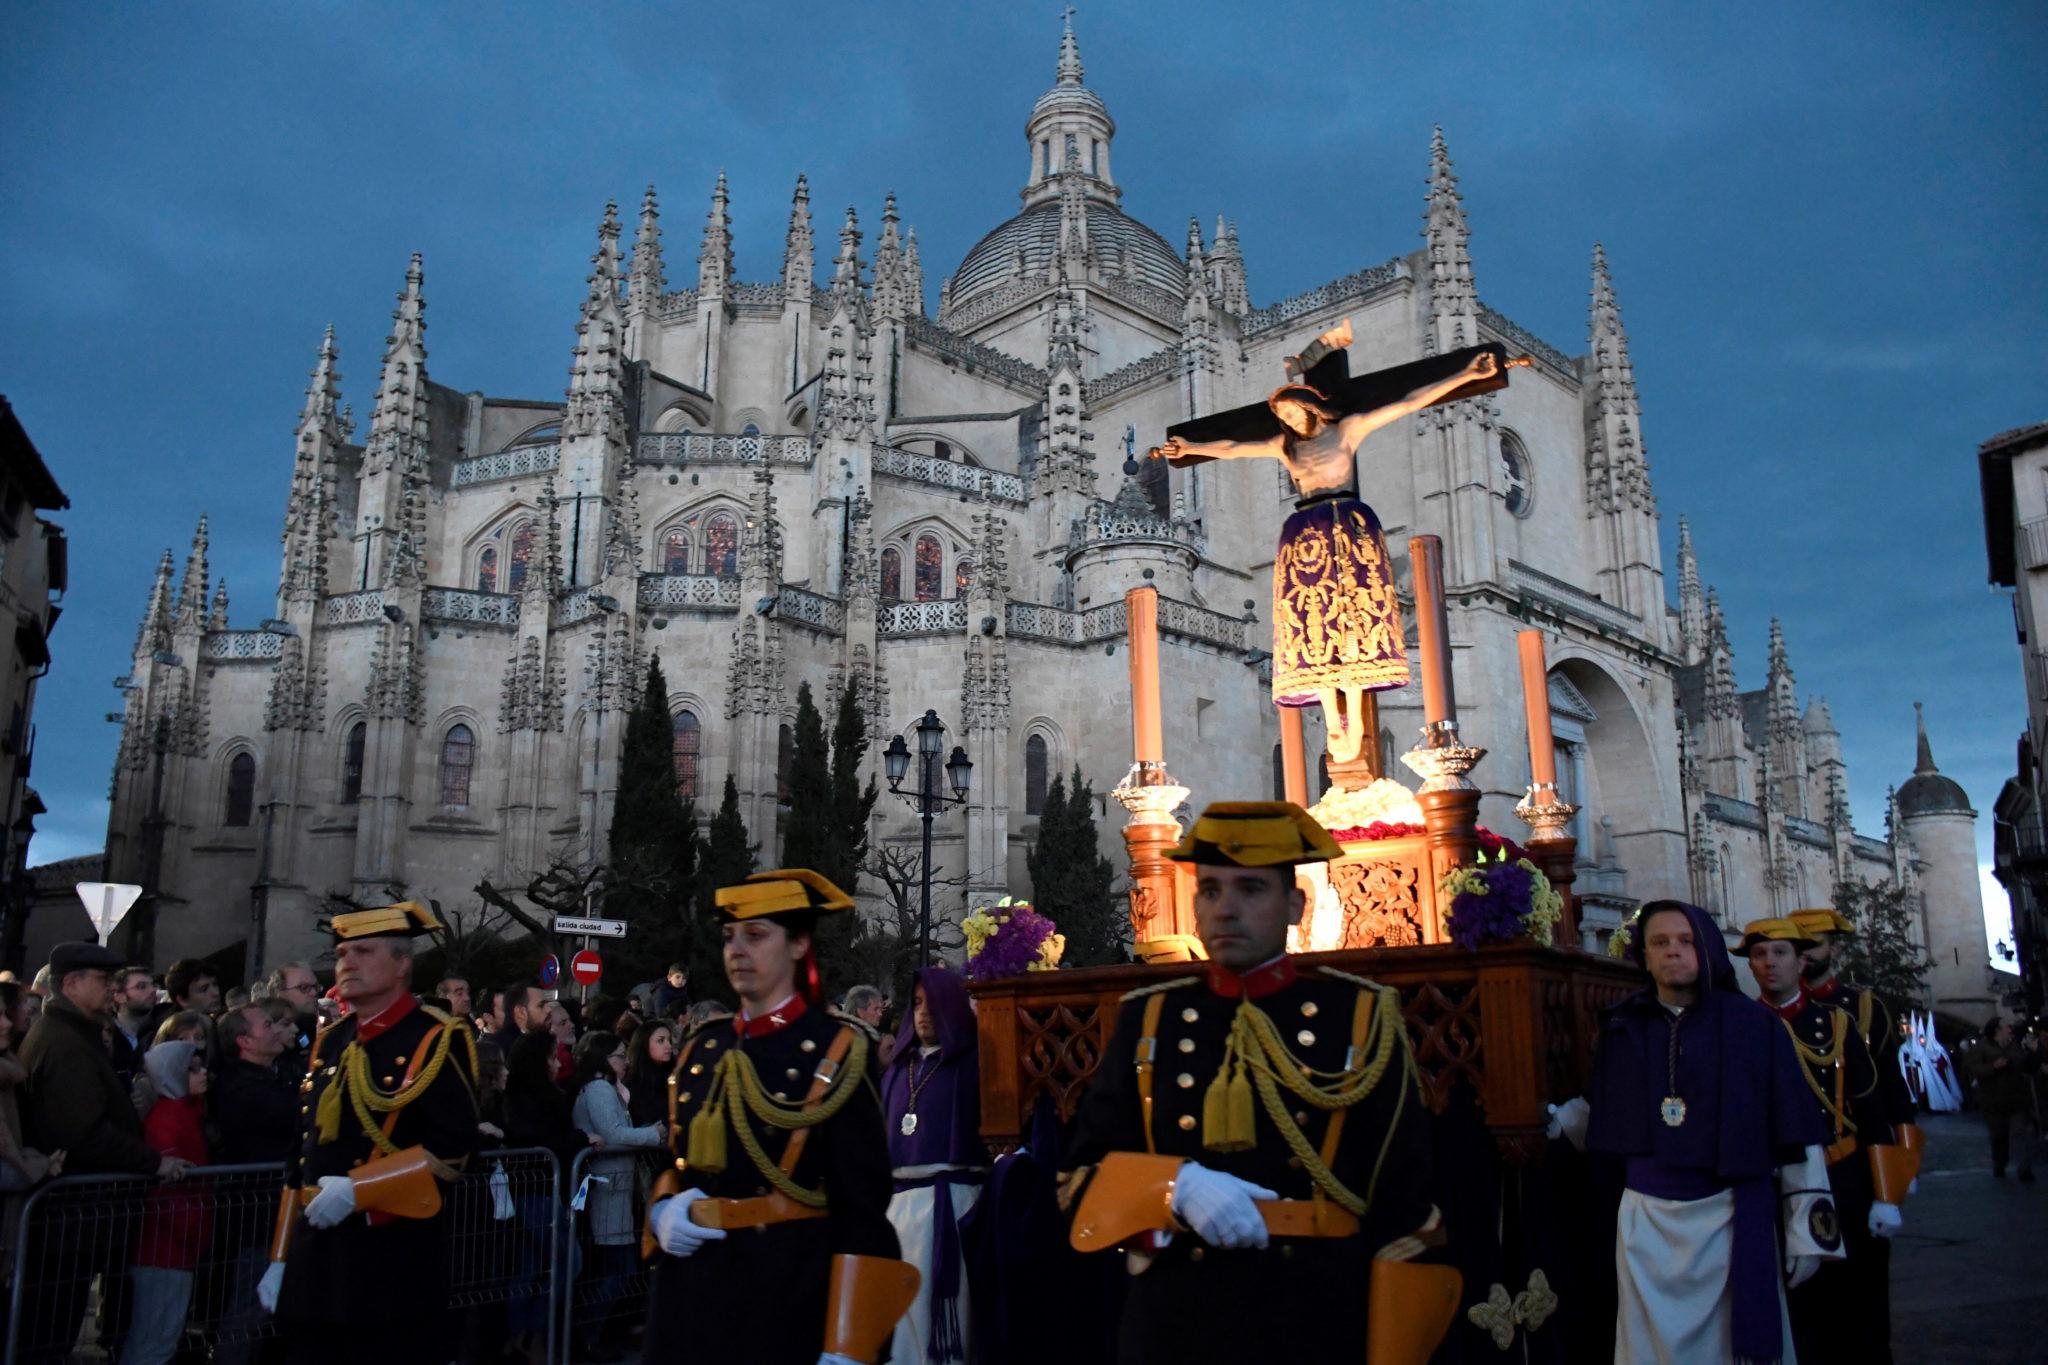 Wizerunek Świętego Chrystusa Krzyża strzeżony przez członków Straży Obywatelskiej podczas procesji w Segowii w środkowej Hiszpanii, fot. Pablo Martin, PAP/EPA